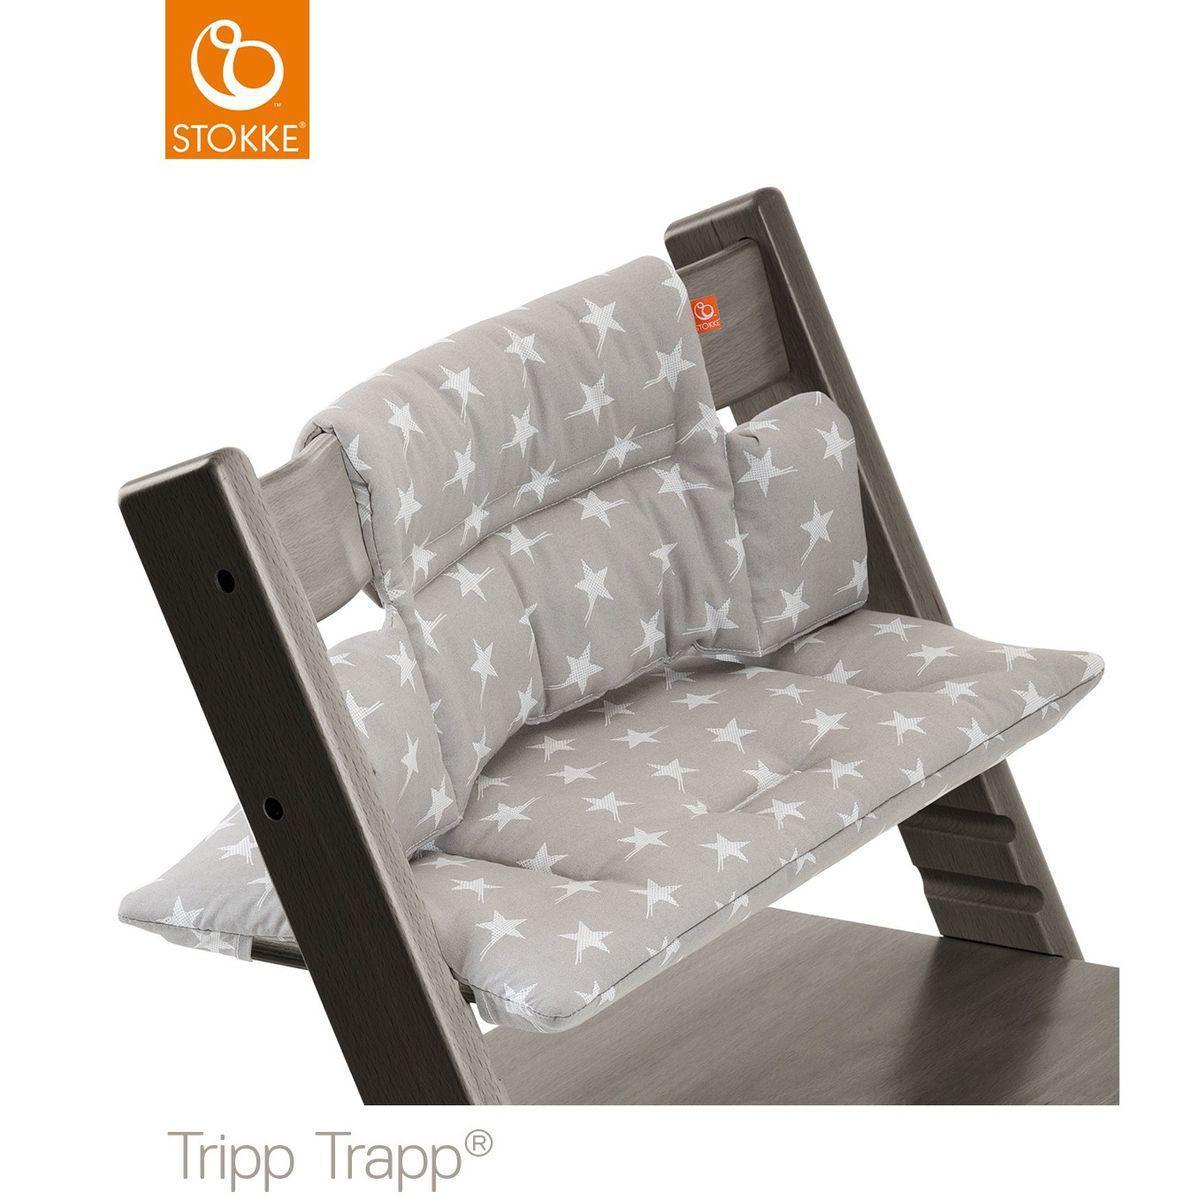 Coussin chaise haute TRIPP TRAPP Stokke étoiles grises